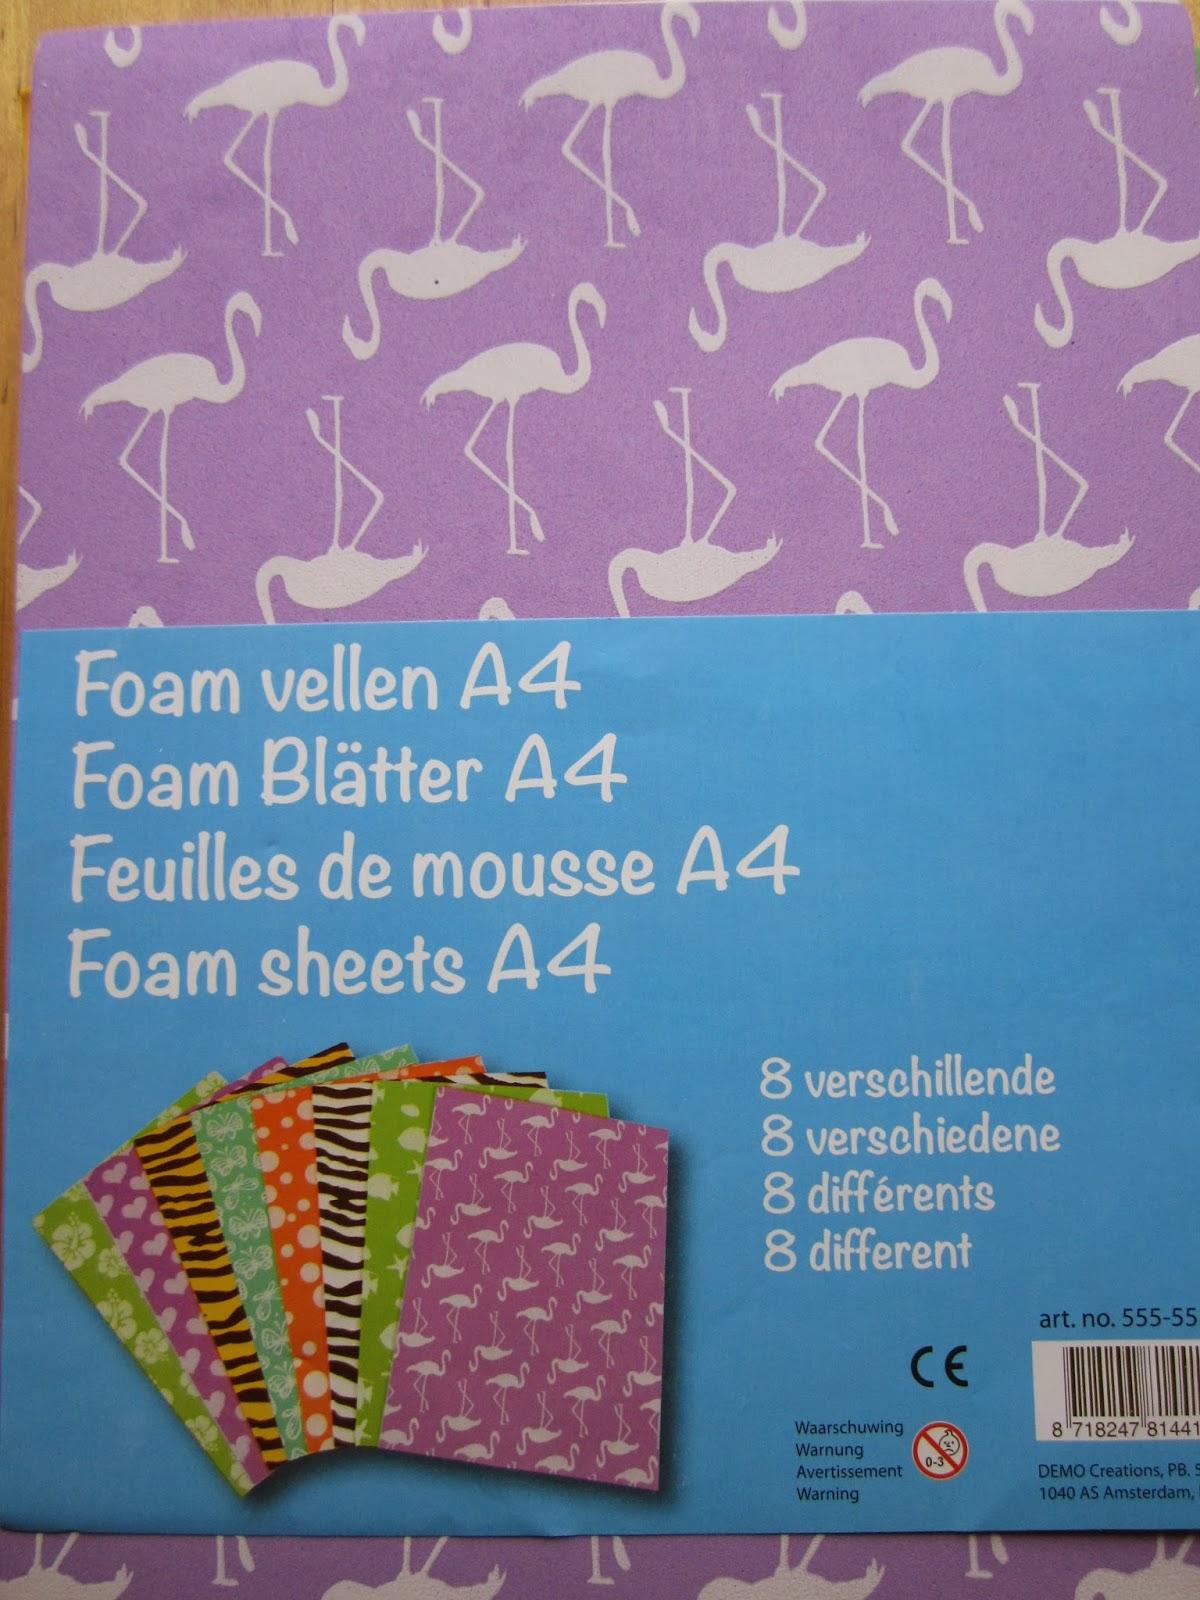 release foam vellen